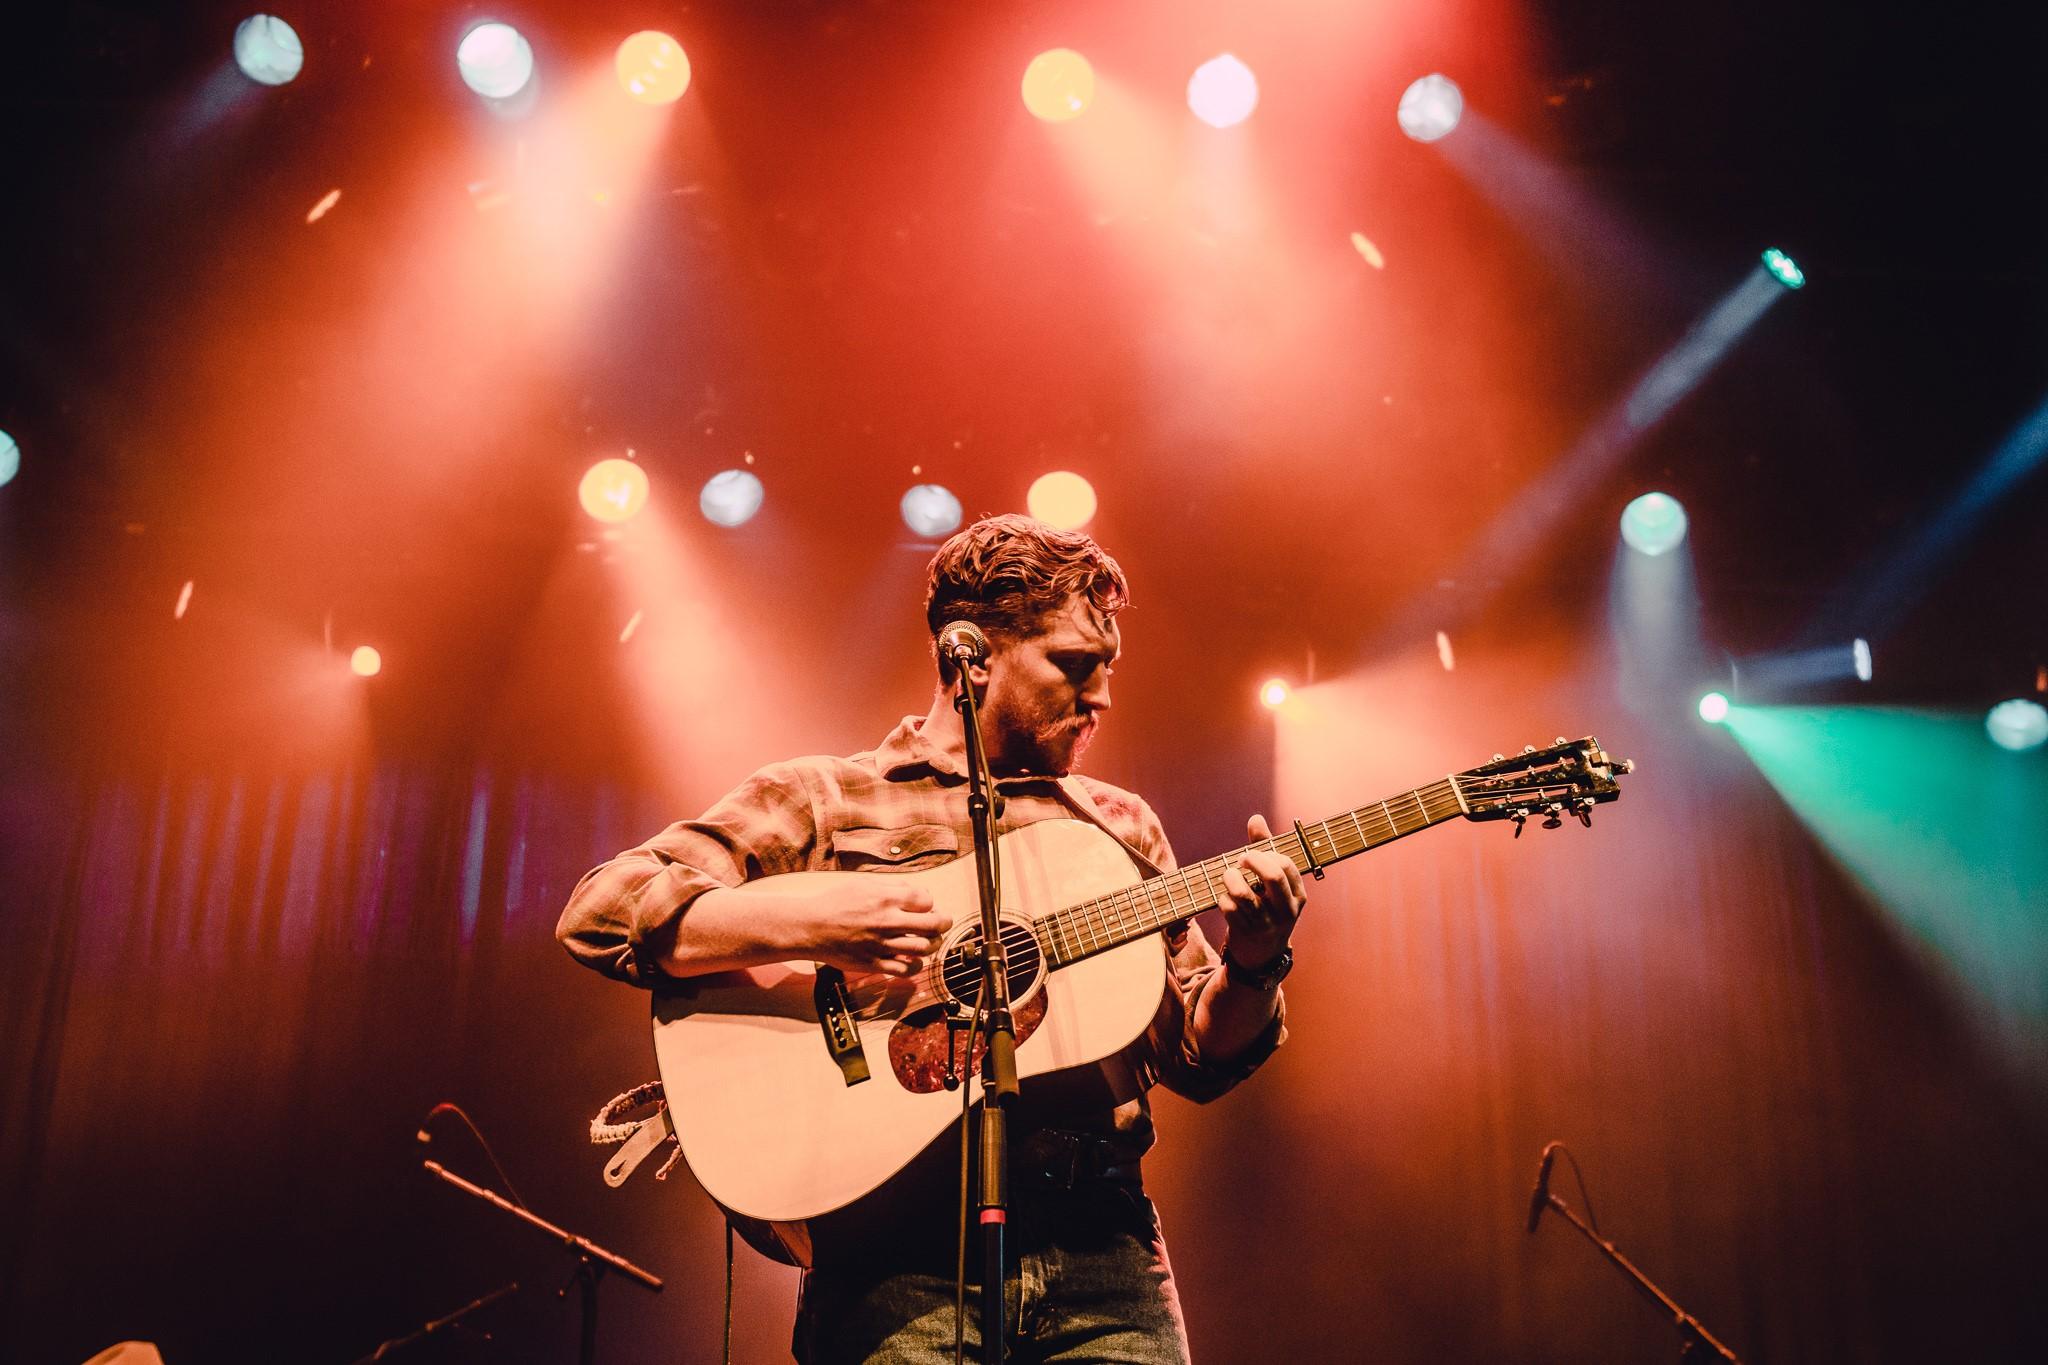 Tyler Childers debuteert op #1 in Billboard met 'Country Squire'